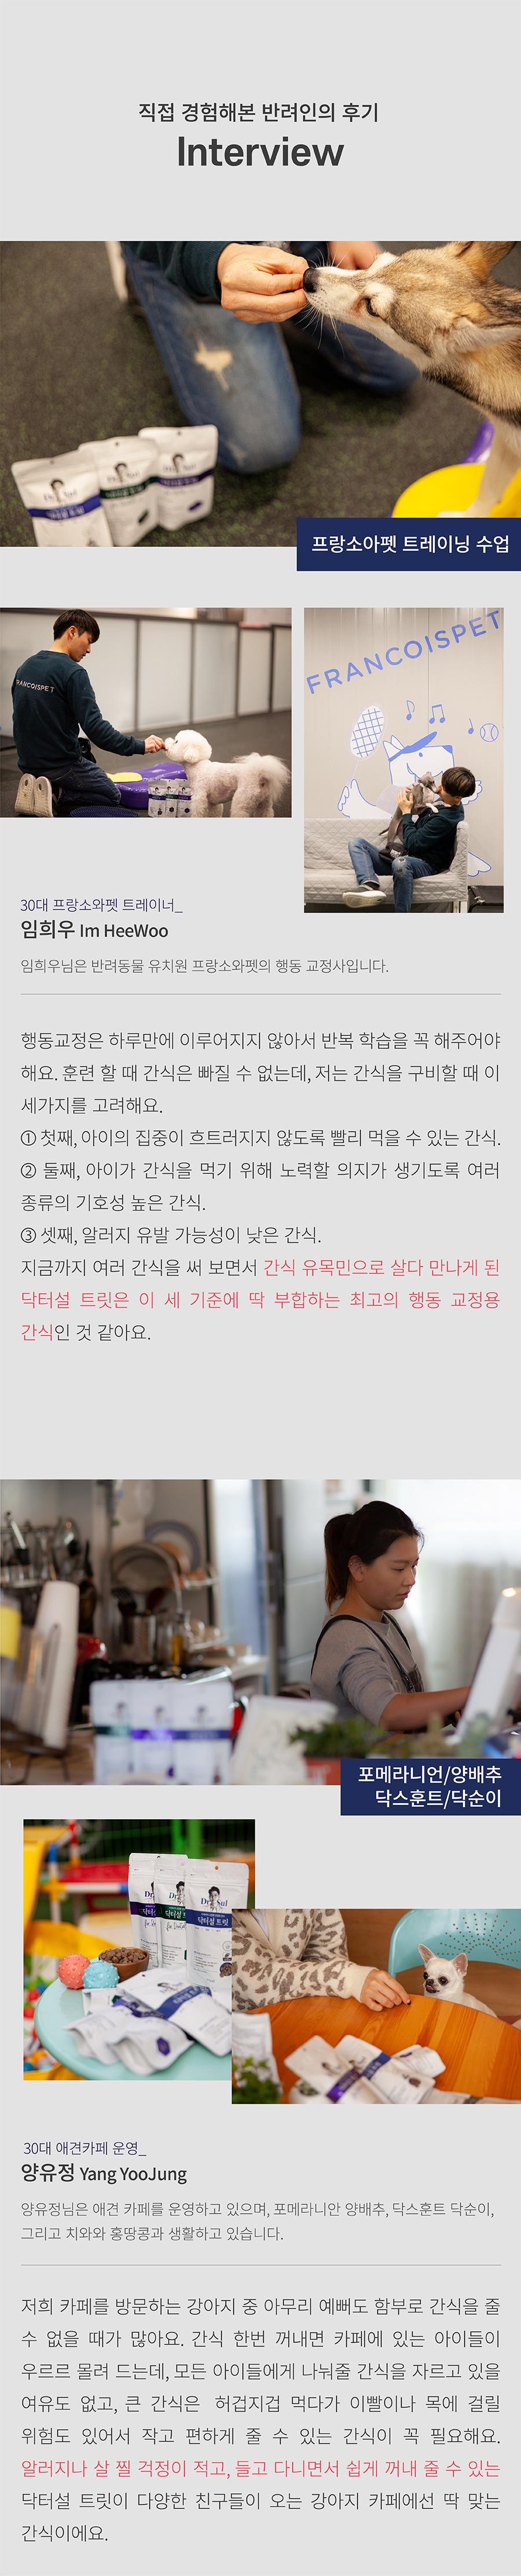 닥터설 트릿 모음전-상품이미지-7